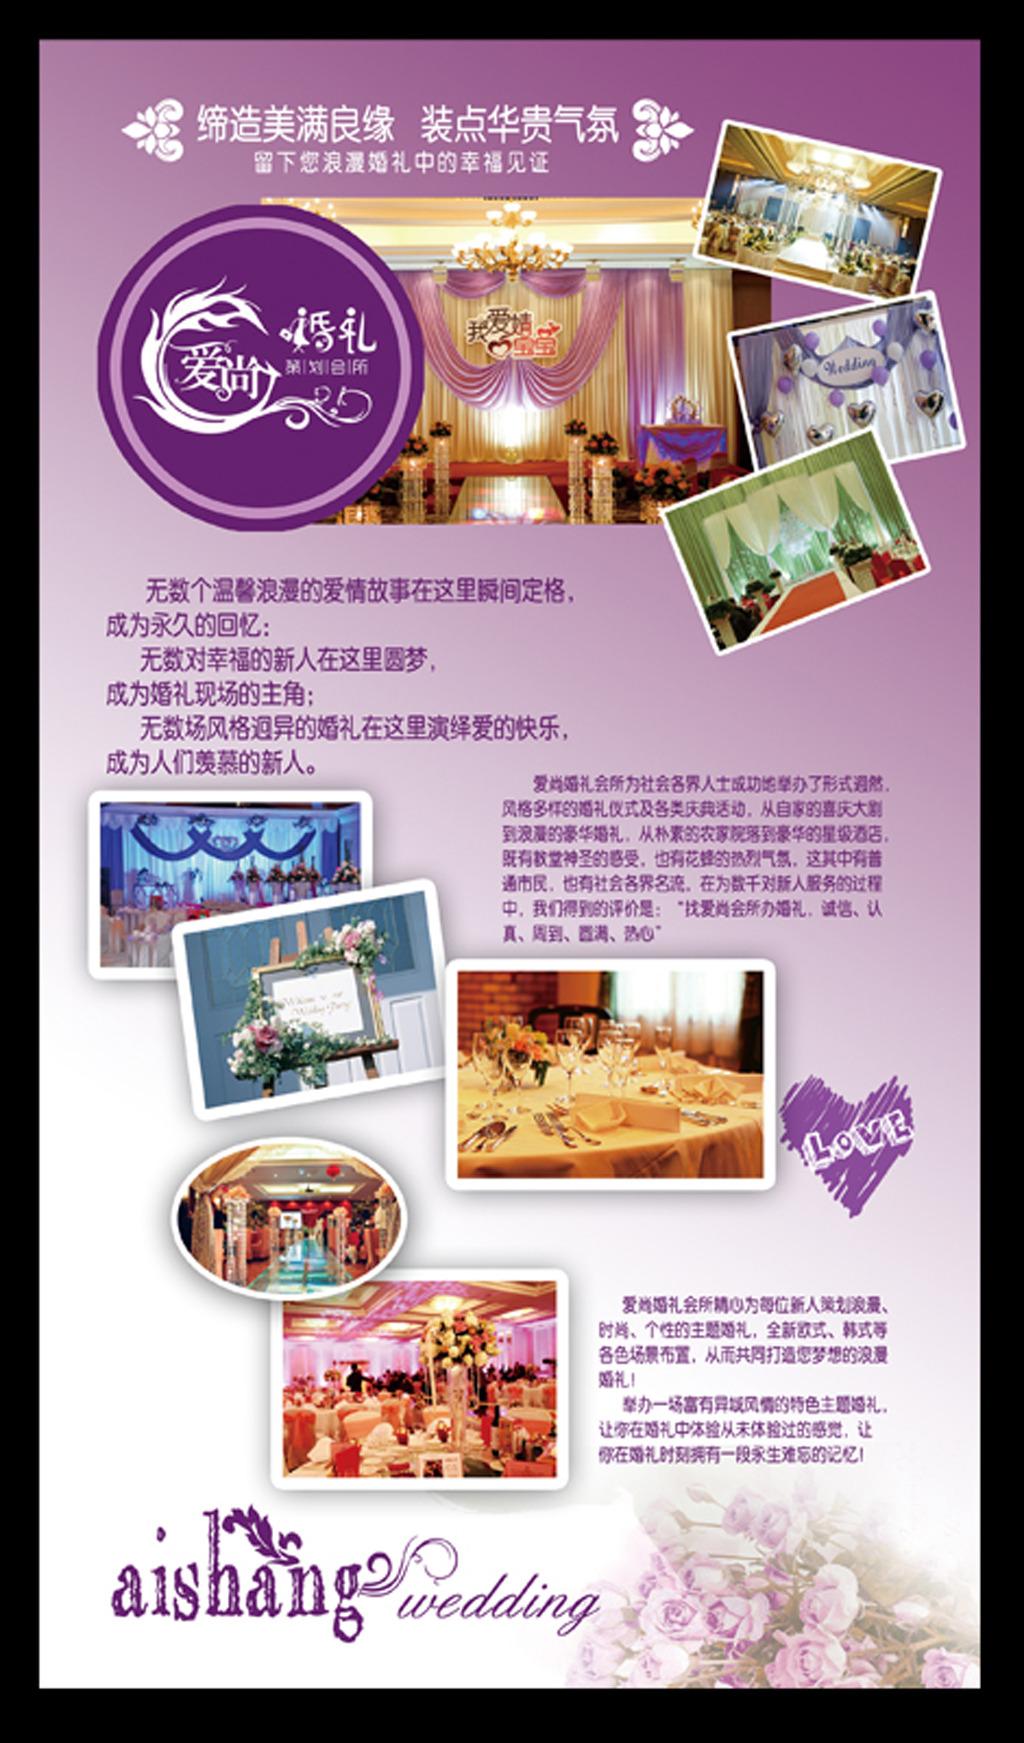 婚庆公司dm宣传单海报广告x展架易拉宝模板下载 婚庆公司dm宣传单海报